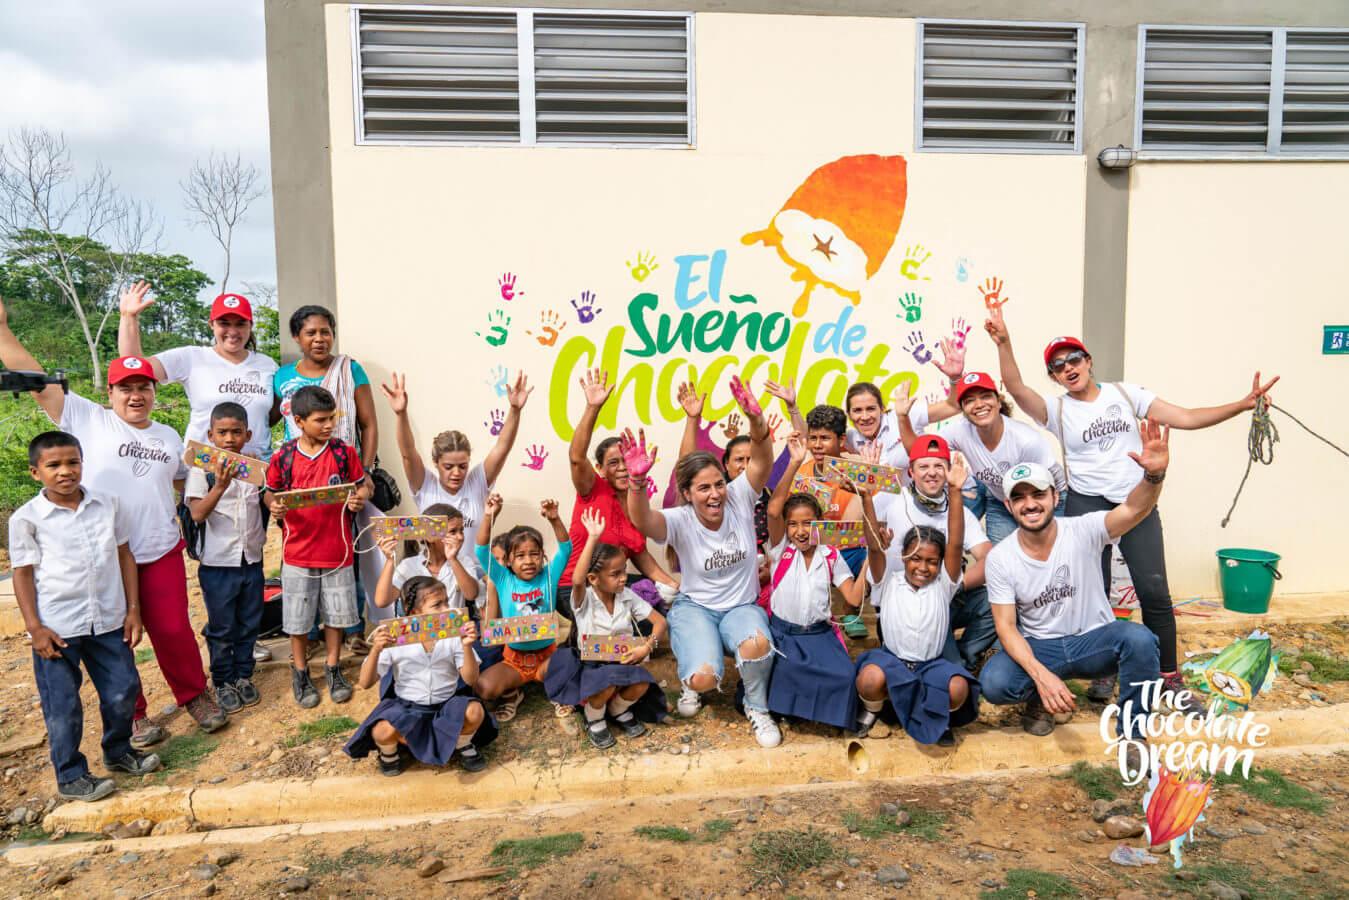 Hilfsprojekte für Kinder